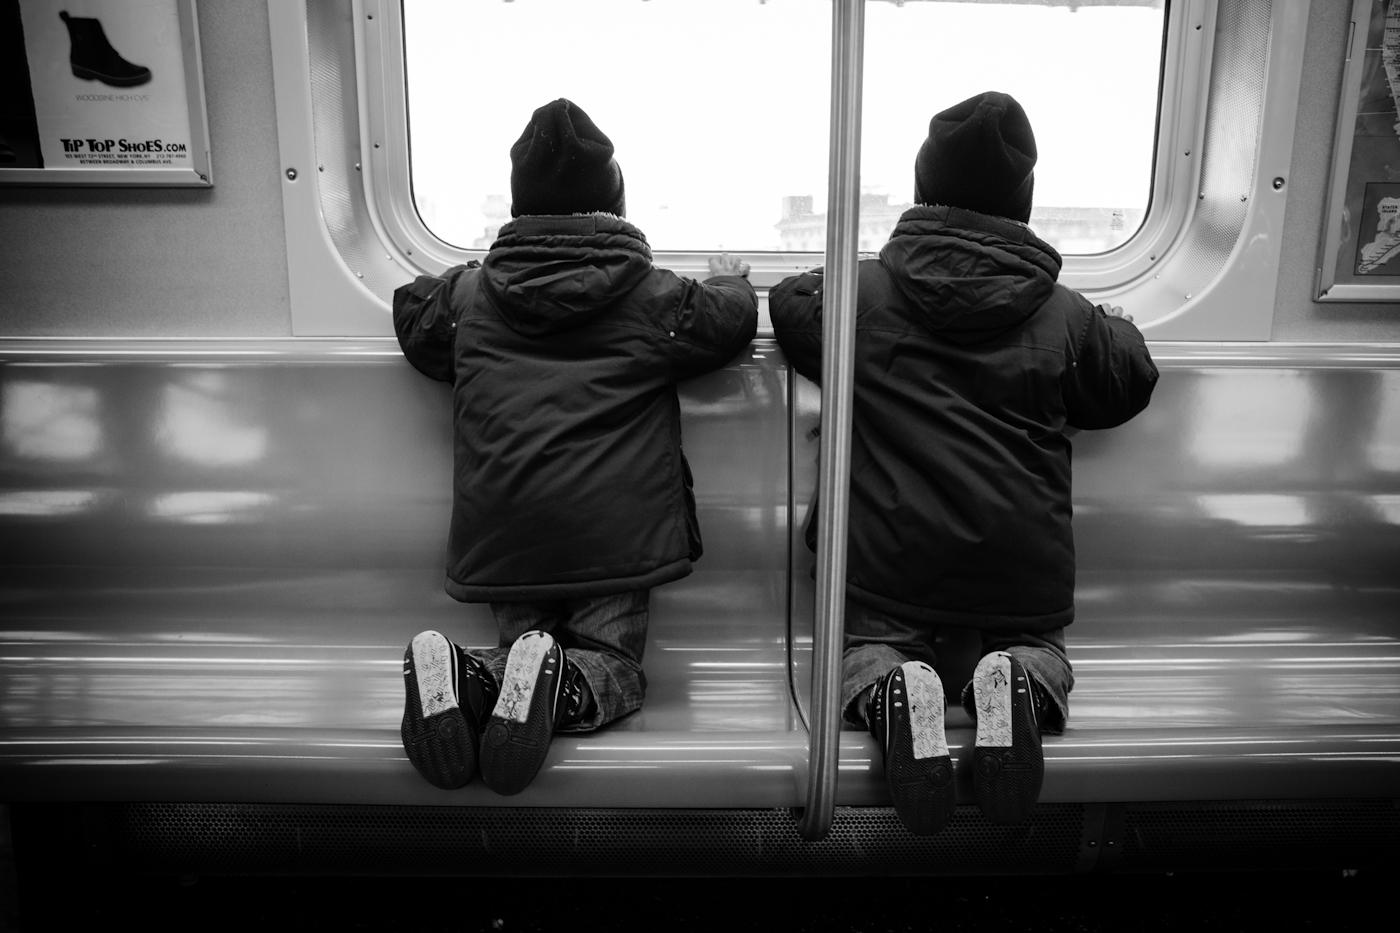 Subways-12.jpg